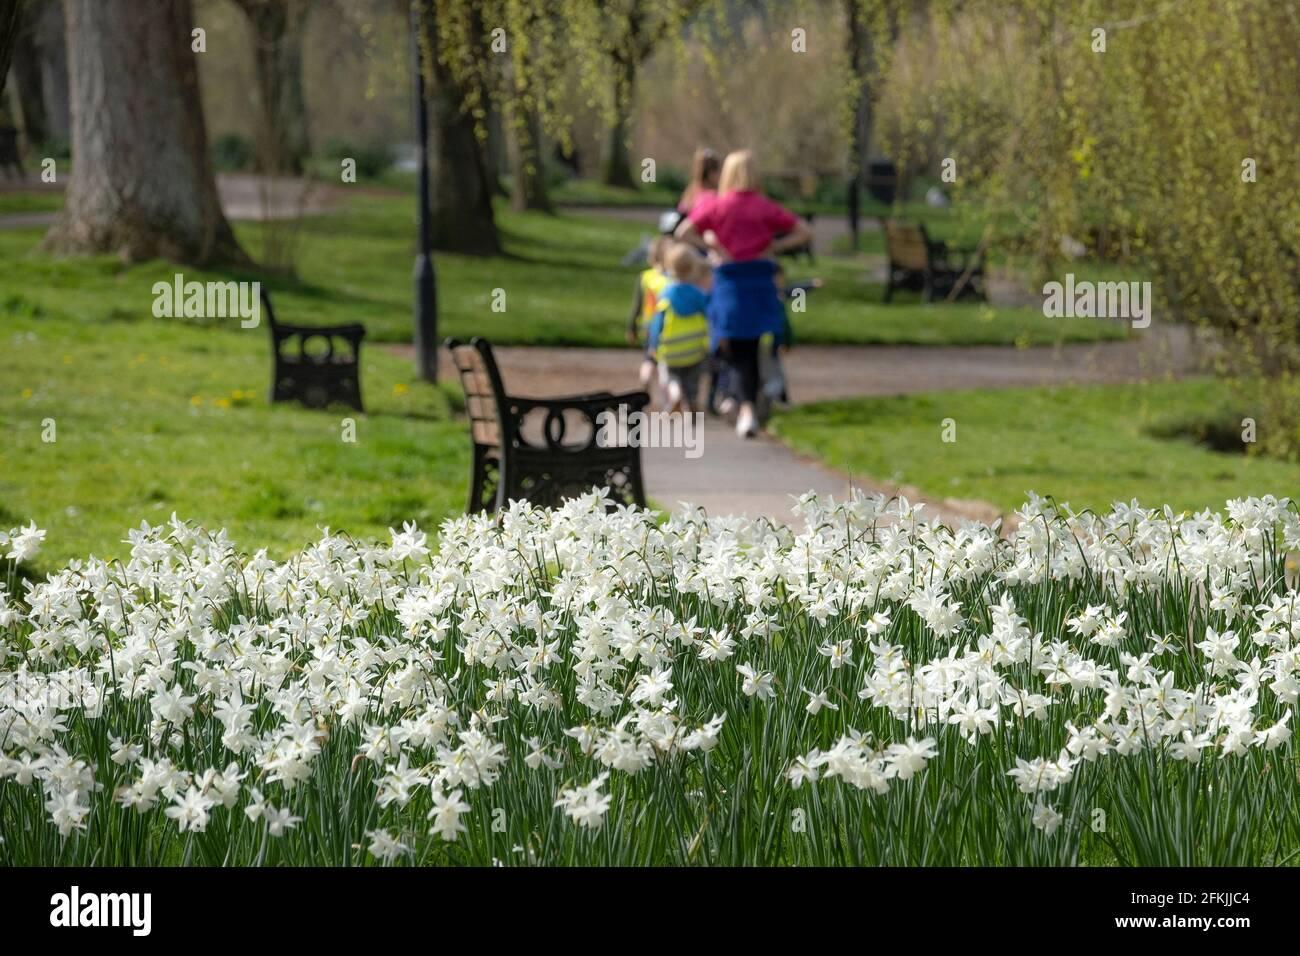 Un lit de daffodils blancs Narcisse narcissi poussant dans les jardins de Trenance à Newquay en Cornouailles. Banque D'Images